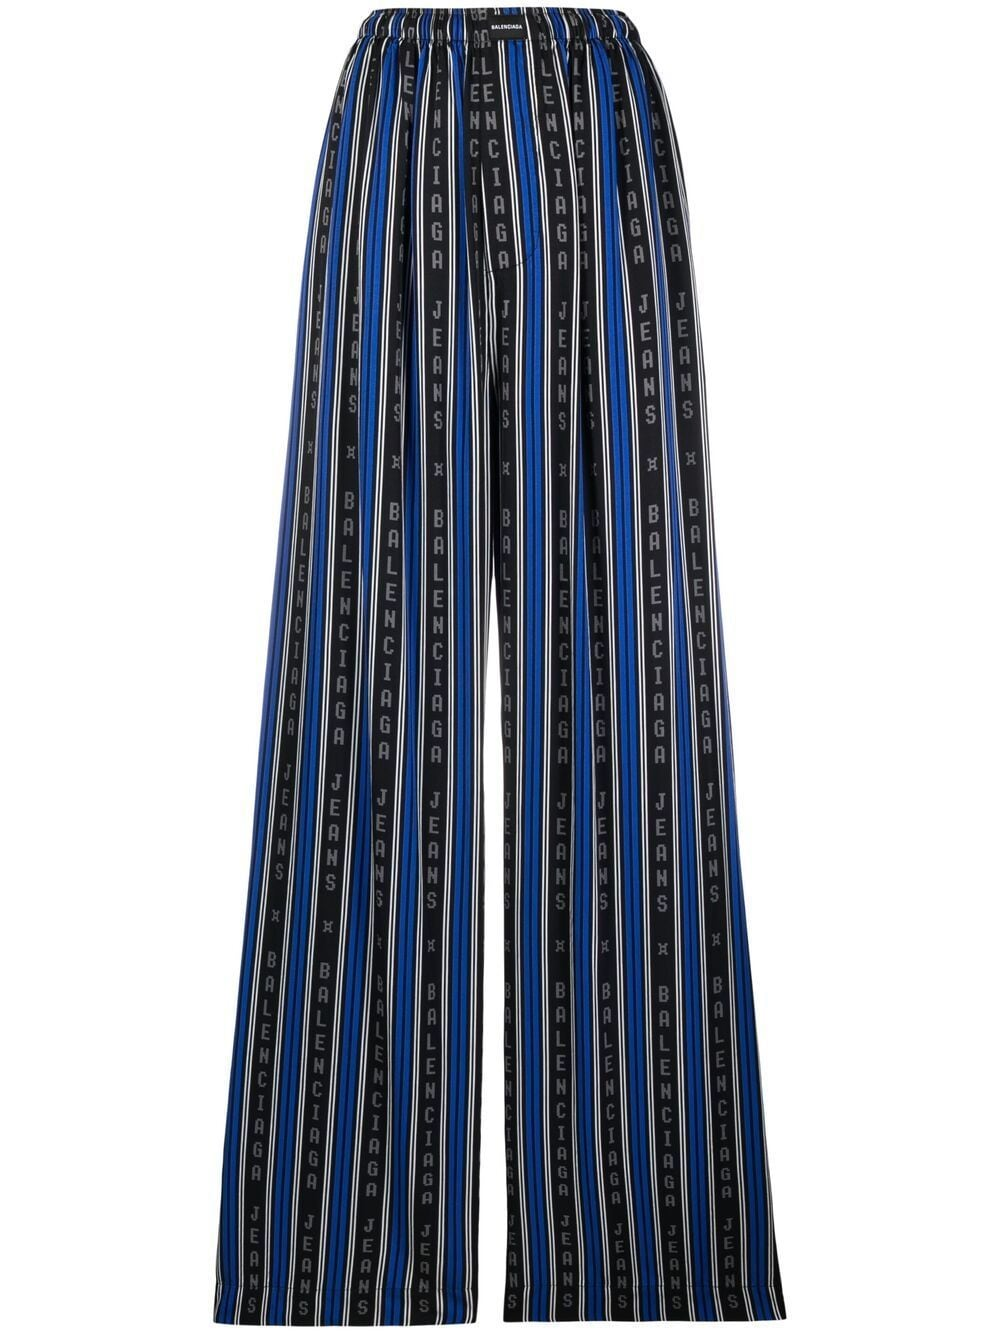 pantalone in viscosa a righe verticali blu e nere BALENCIAGA | Pantaloni | 659026-TKL321165